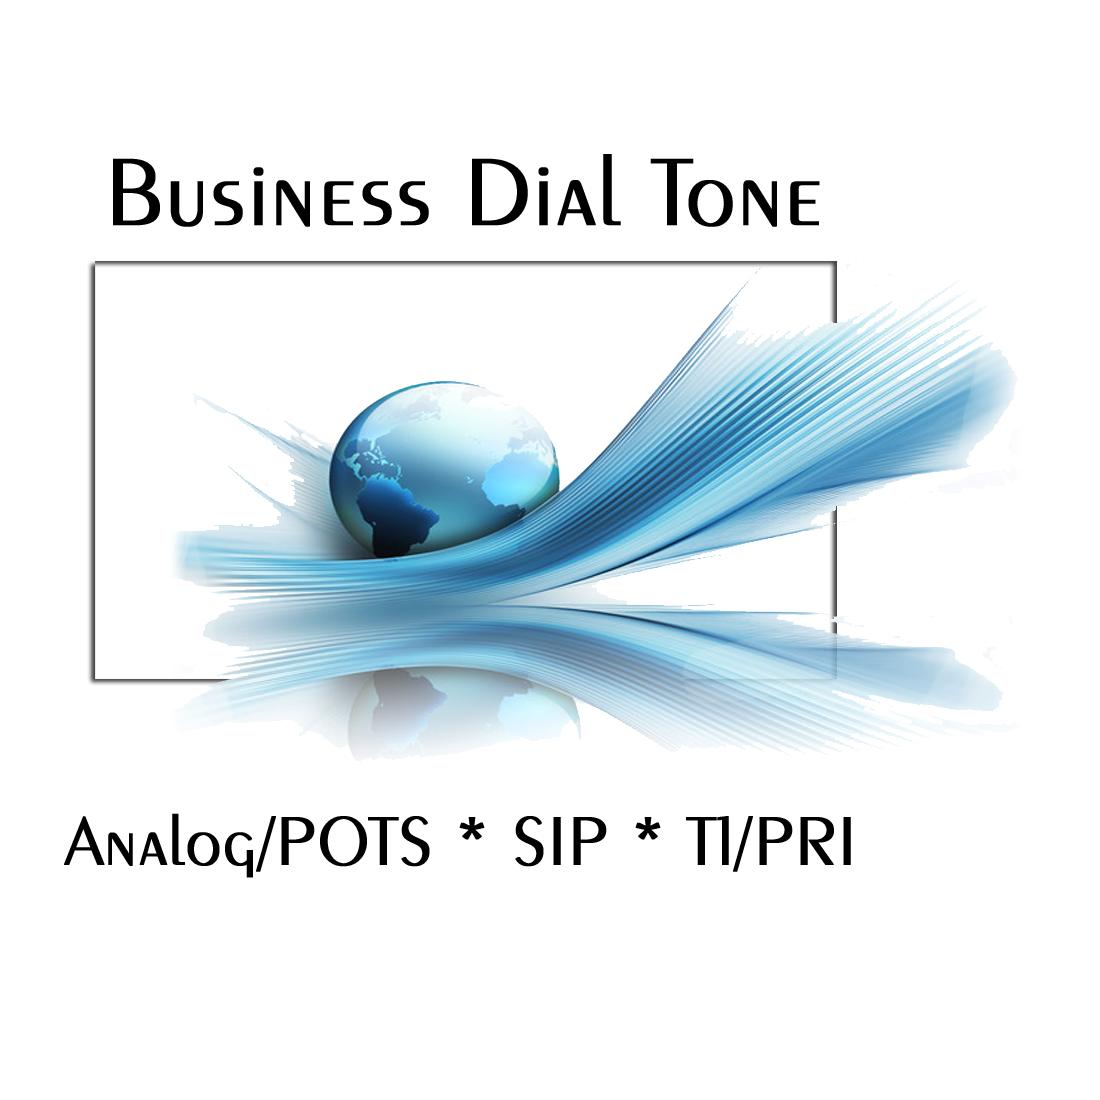 Business-Class Dialtone